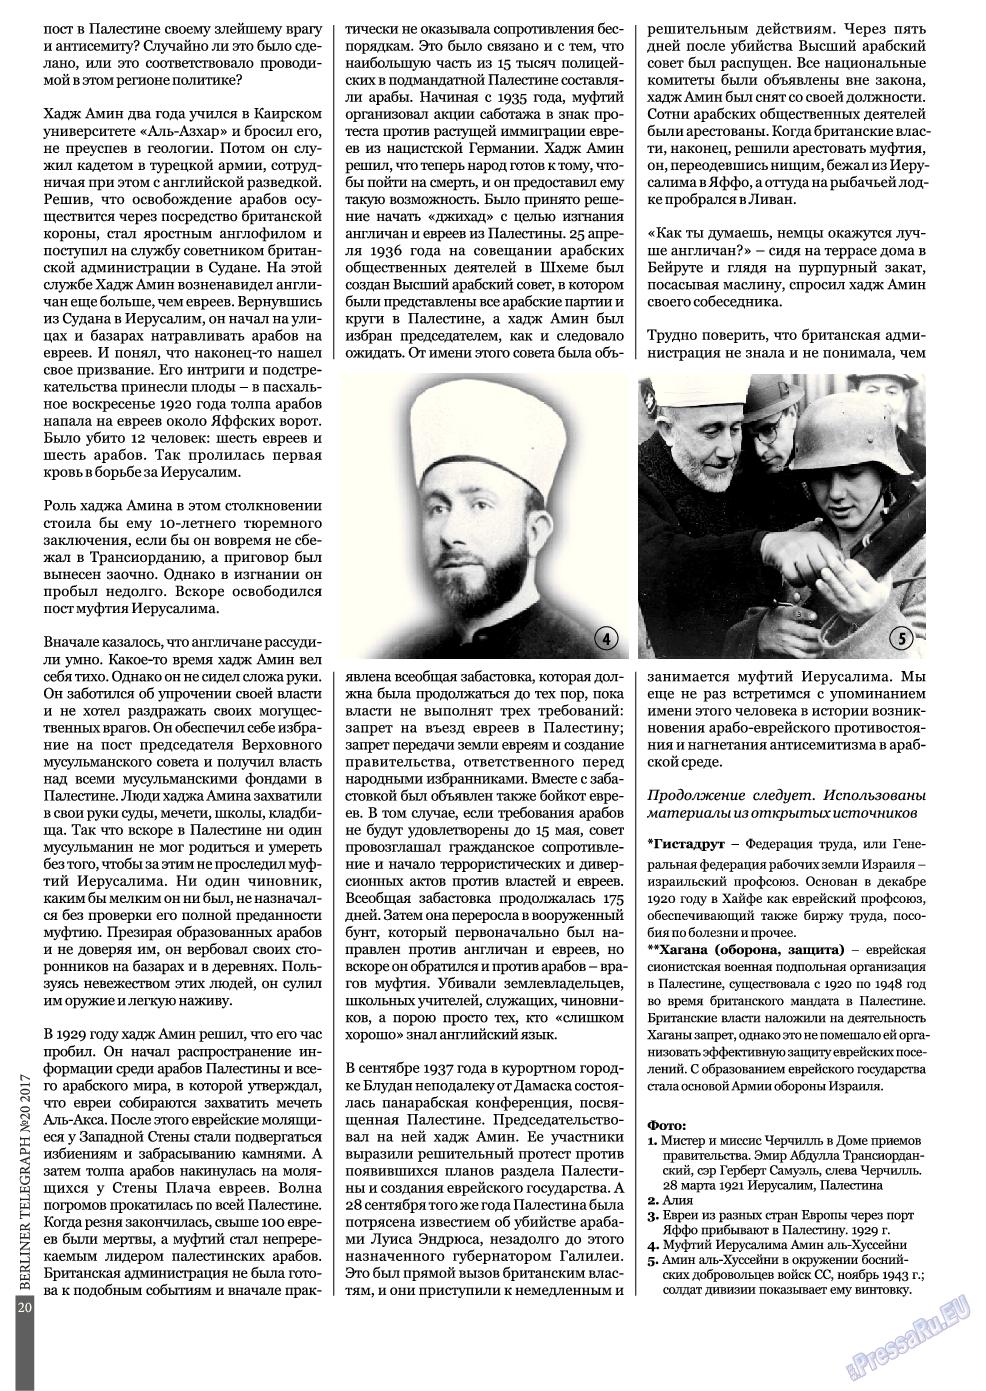 Берлинский телеграф (журнал). 2017 год, номер 20, стр. 20